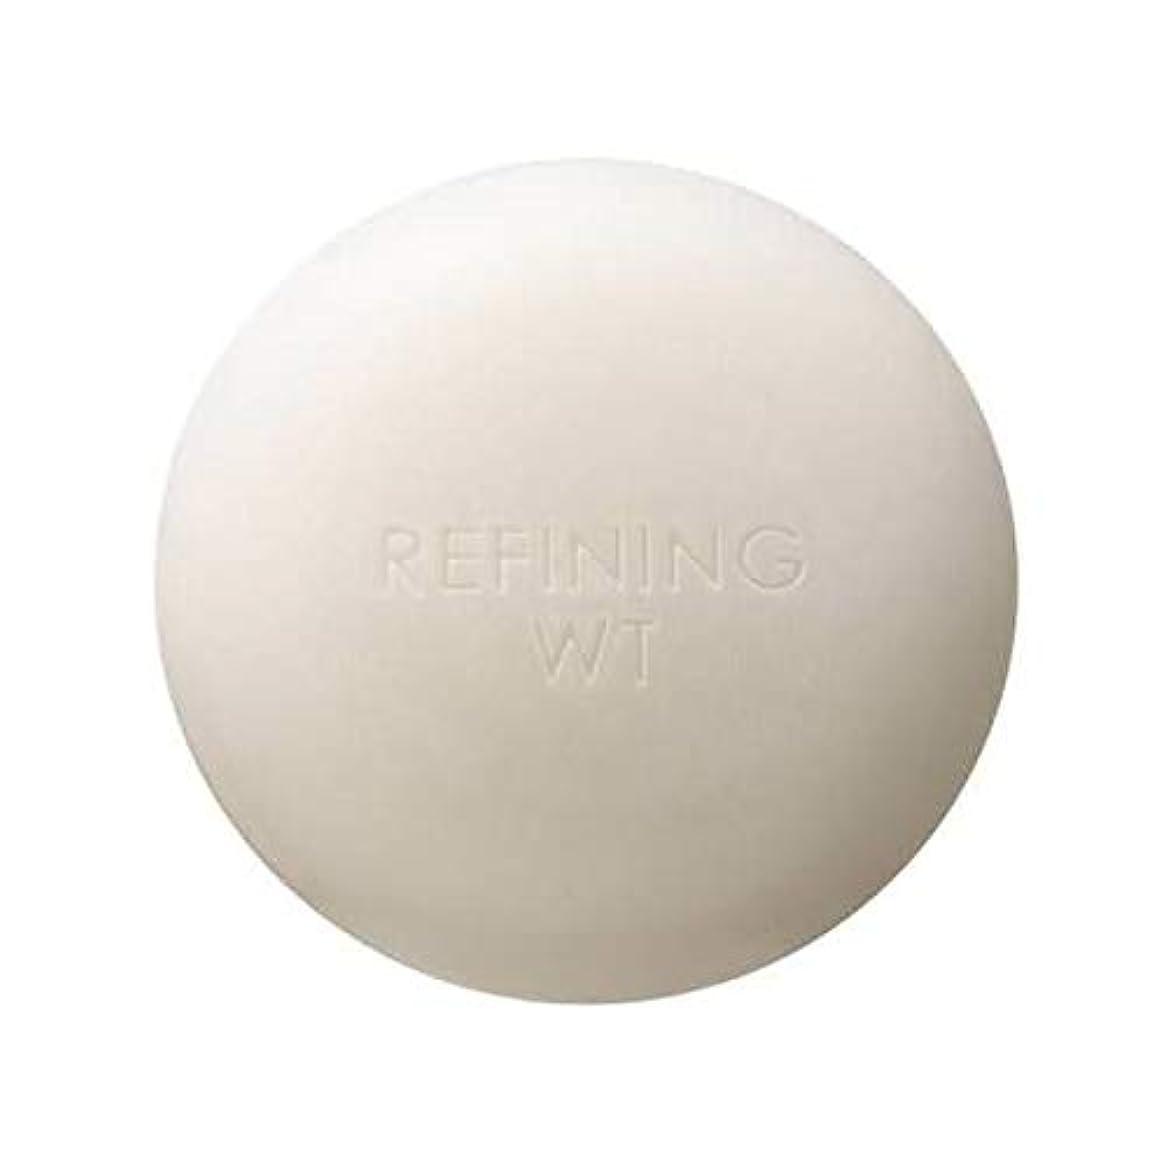 【ハウス オブ ローゼ】 リファイニングWT ウォッシングソープ 〔薬用洗顔石けん〕 医薬部外品 標準重量80g(化粧箱入り)